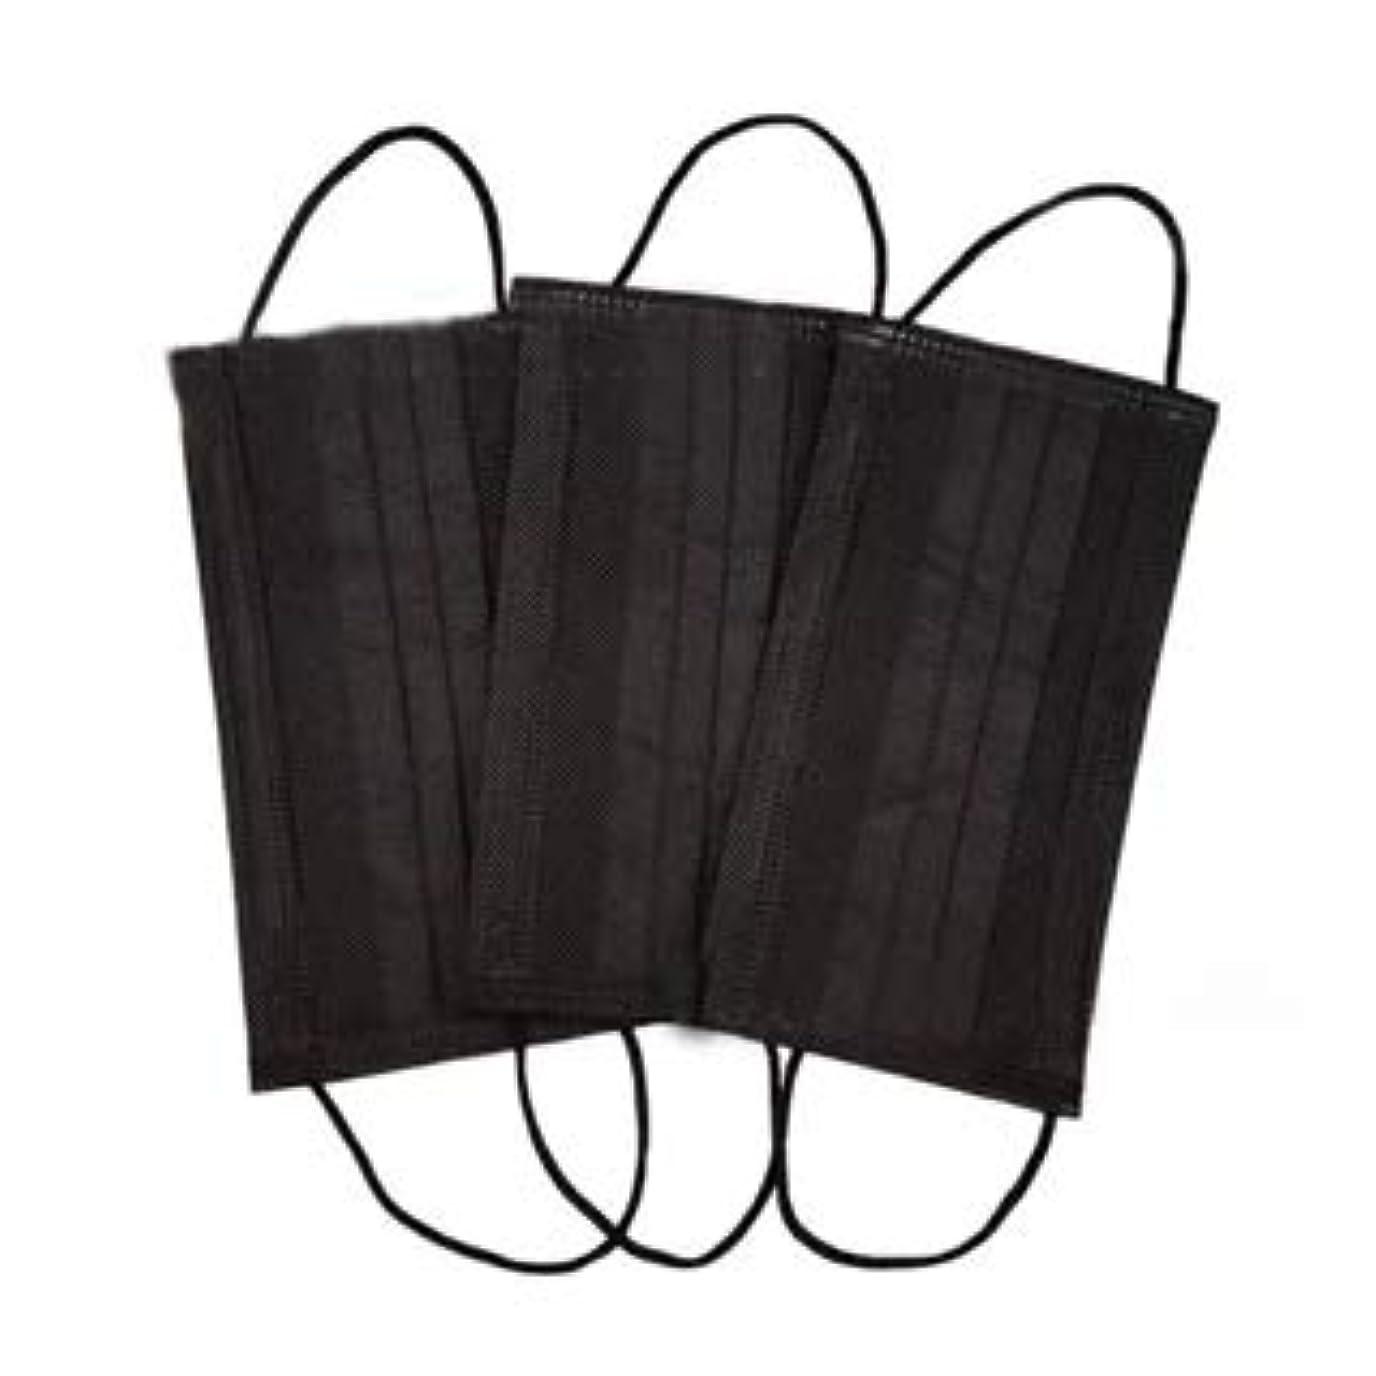 ブロー楽しい階下使い捨てマスク ブラック 6枚入り 不織布 フェイスマスク mask 黒